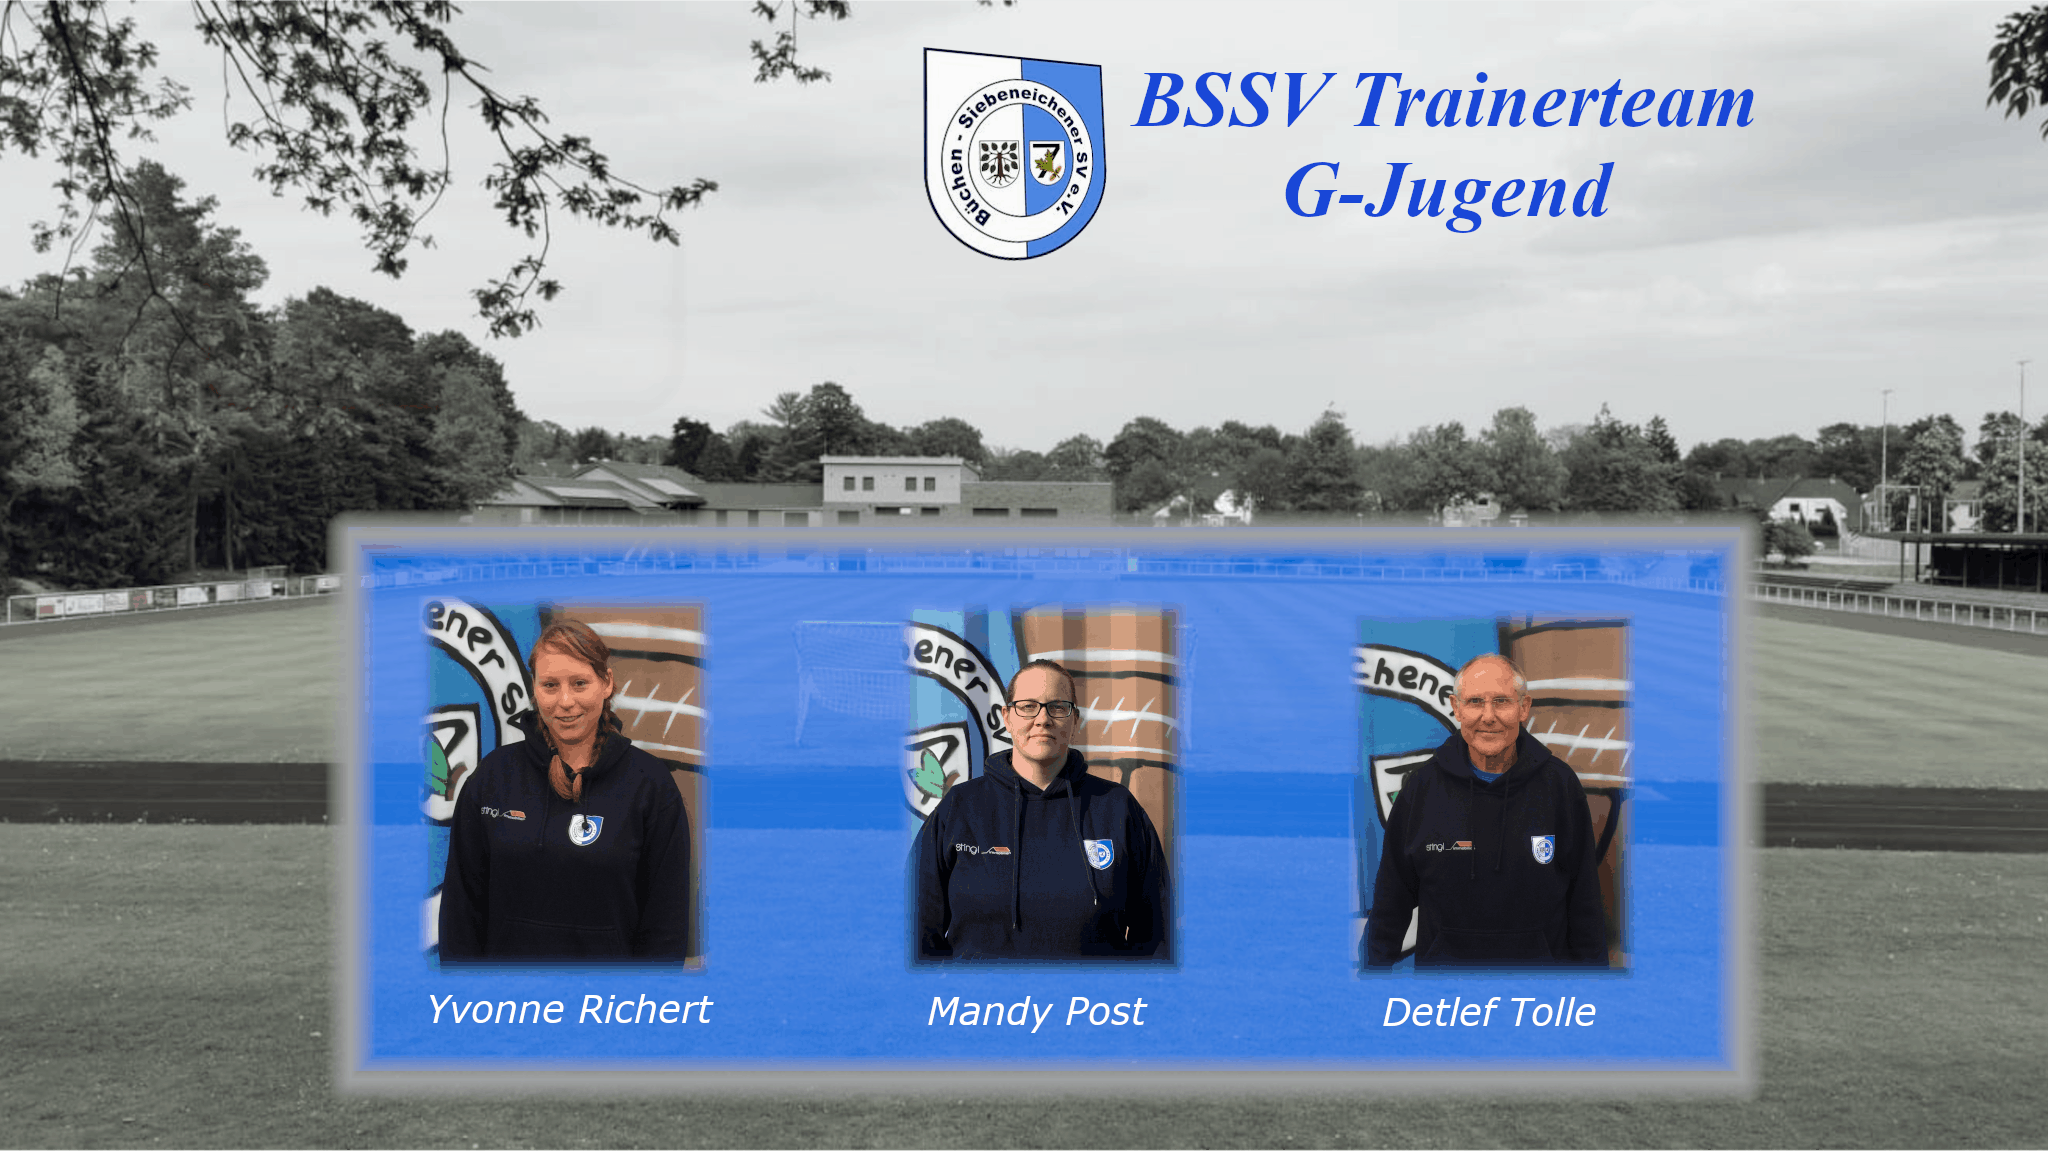 Das Trainerteam der G-Jugend